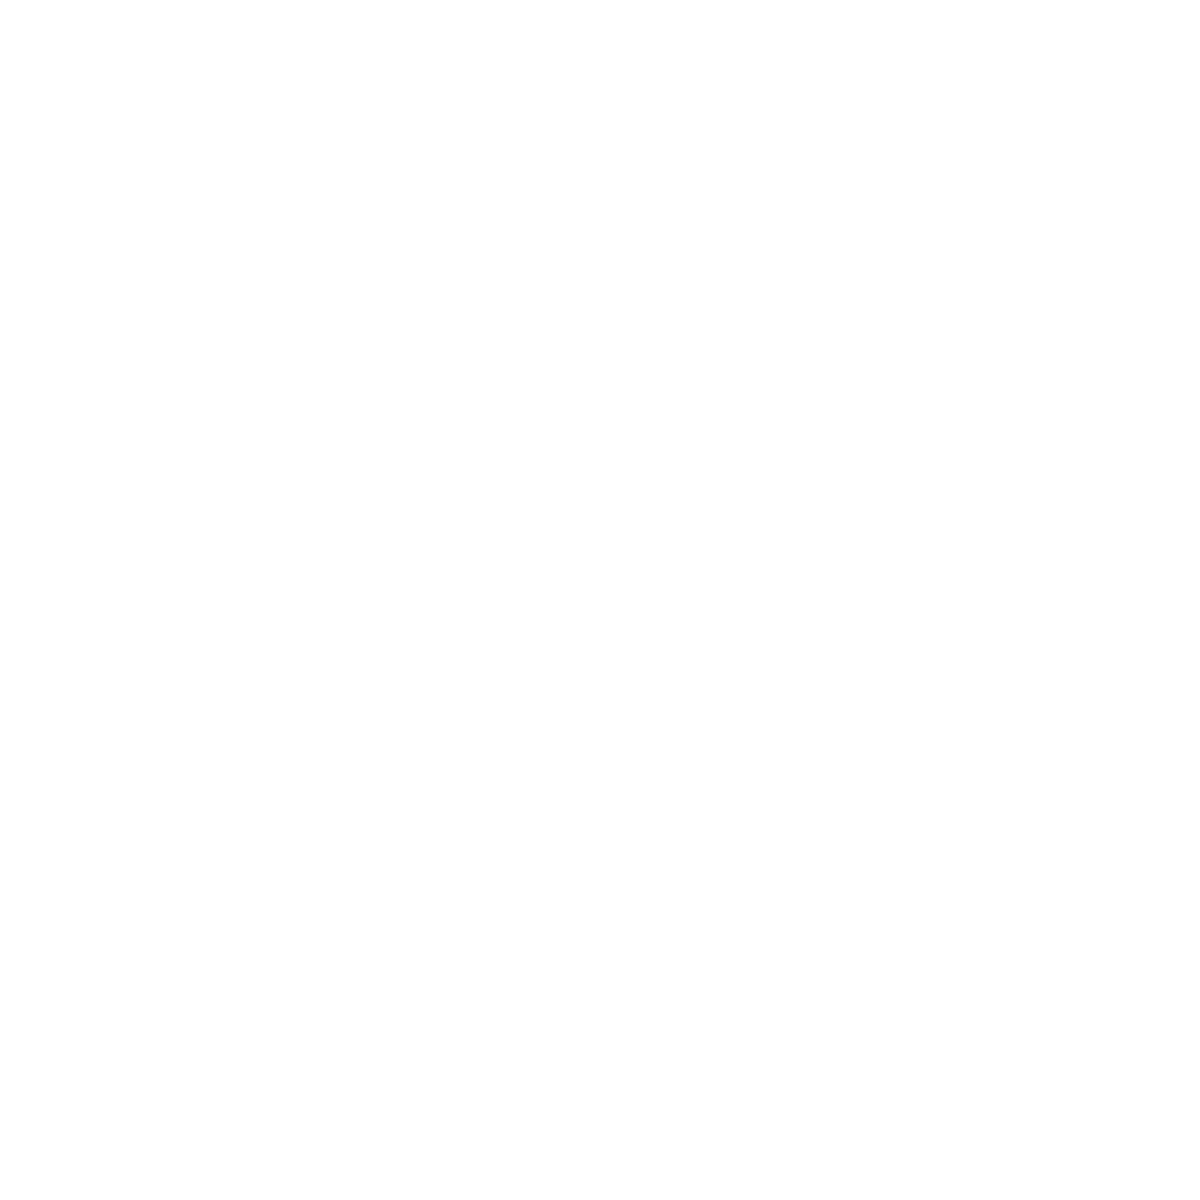 kettlebell clipart fitness